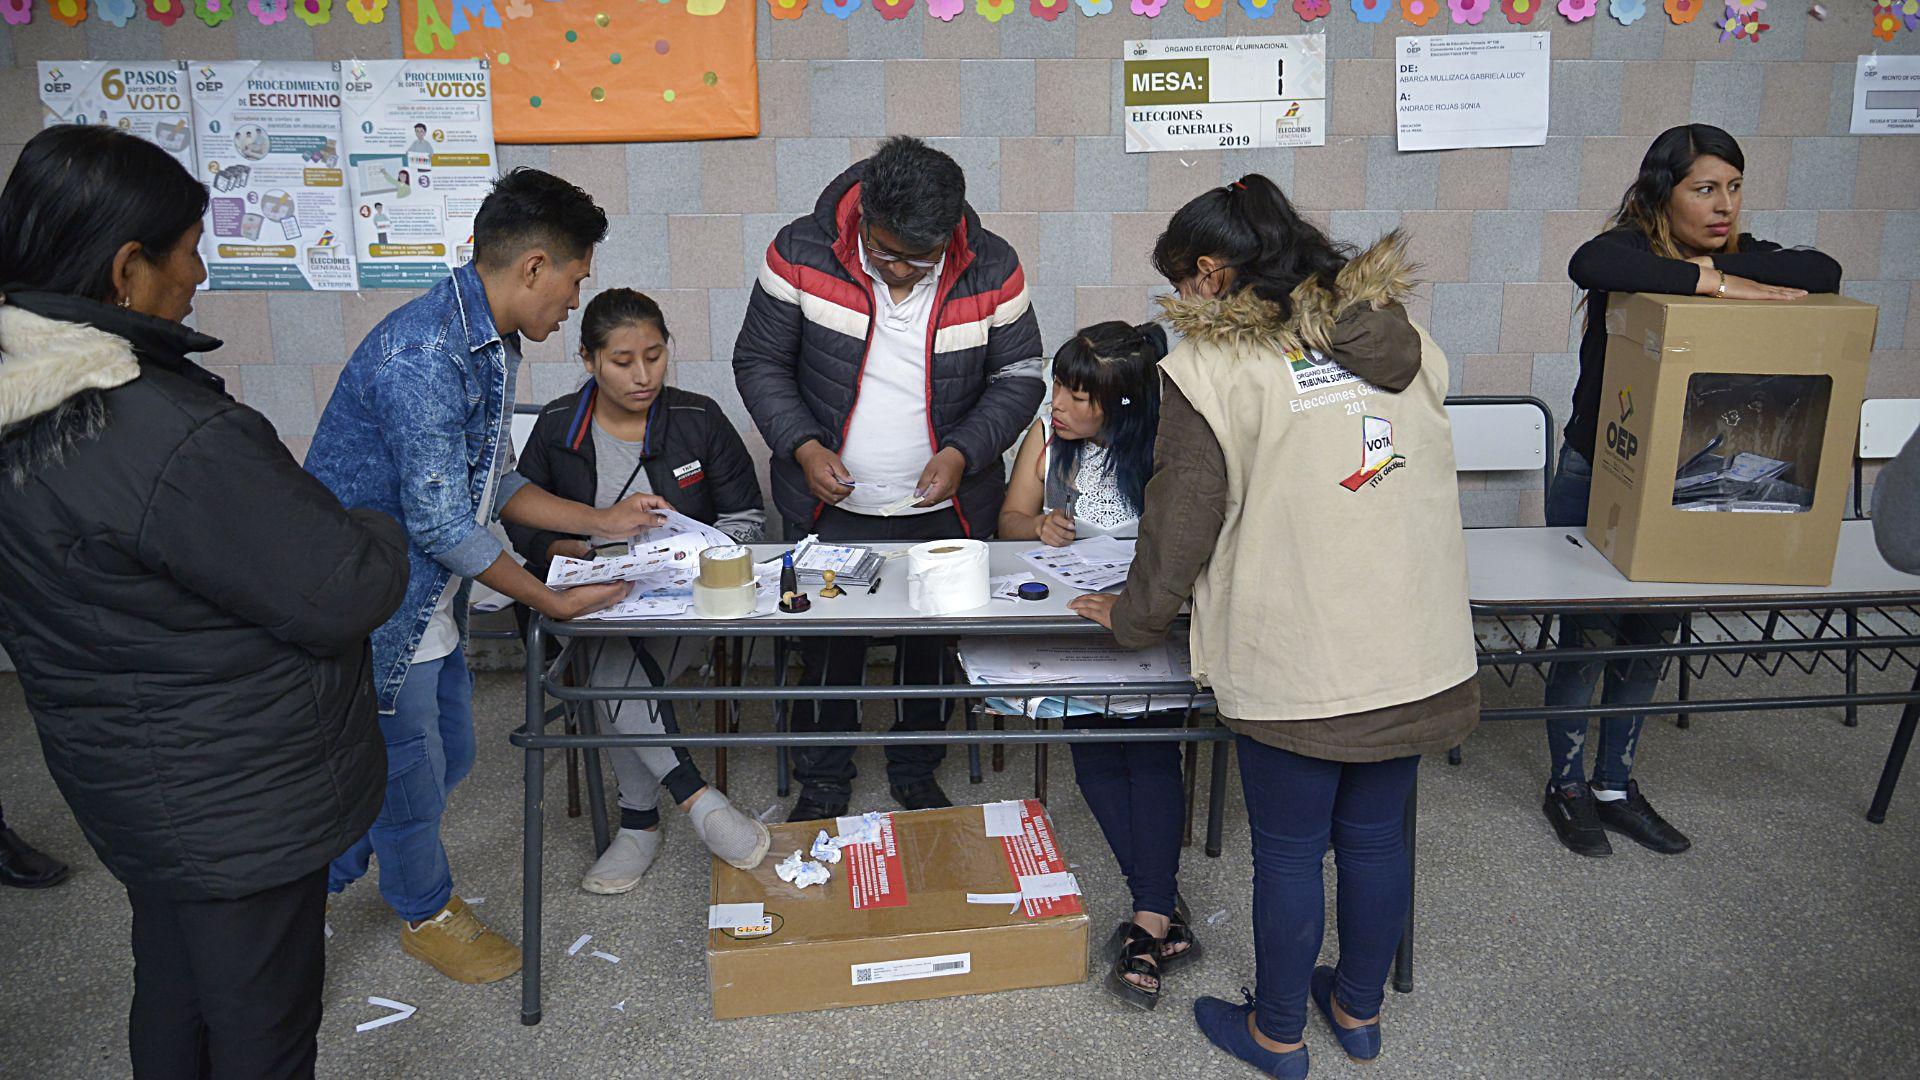 Este domingo 20 de octubre se celebraron las elecciones presidenciales en el Estado Plurinacional de Bolivia, donde Evo Morales busca ser reeligido para su cuarto mandato.